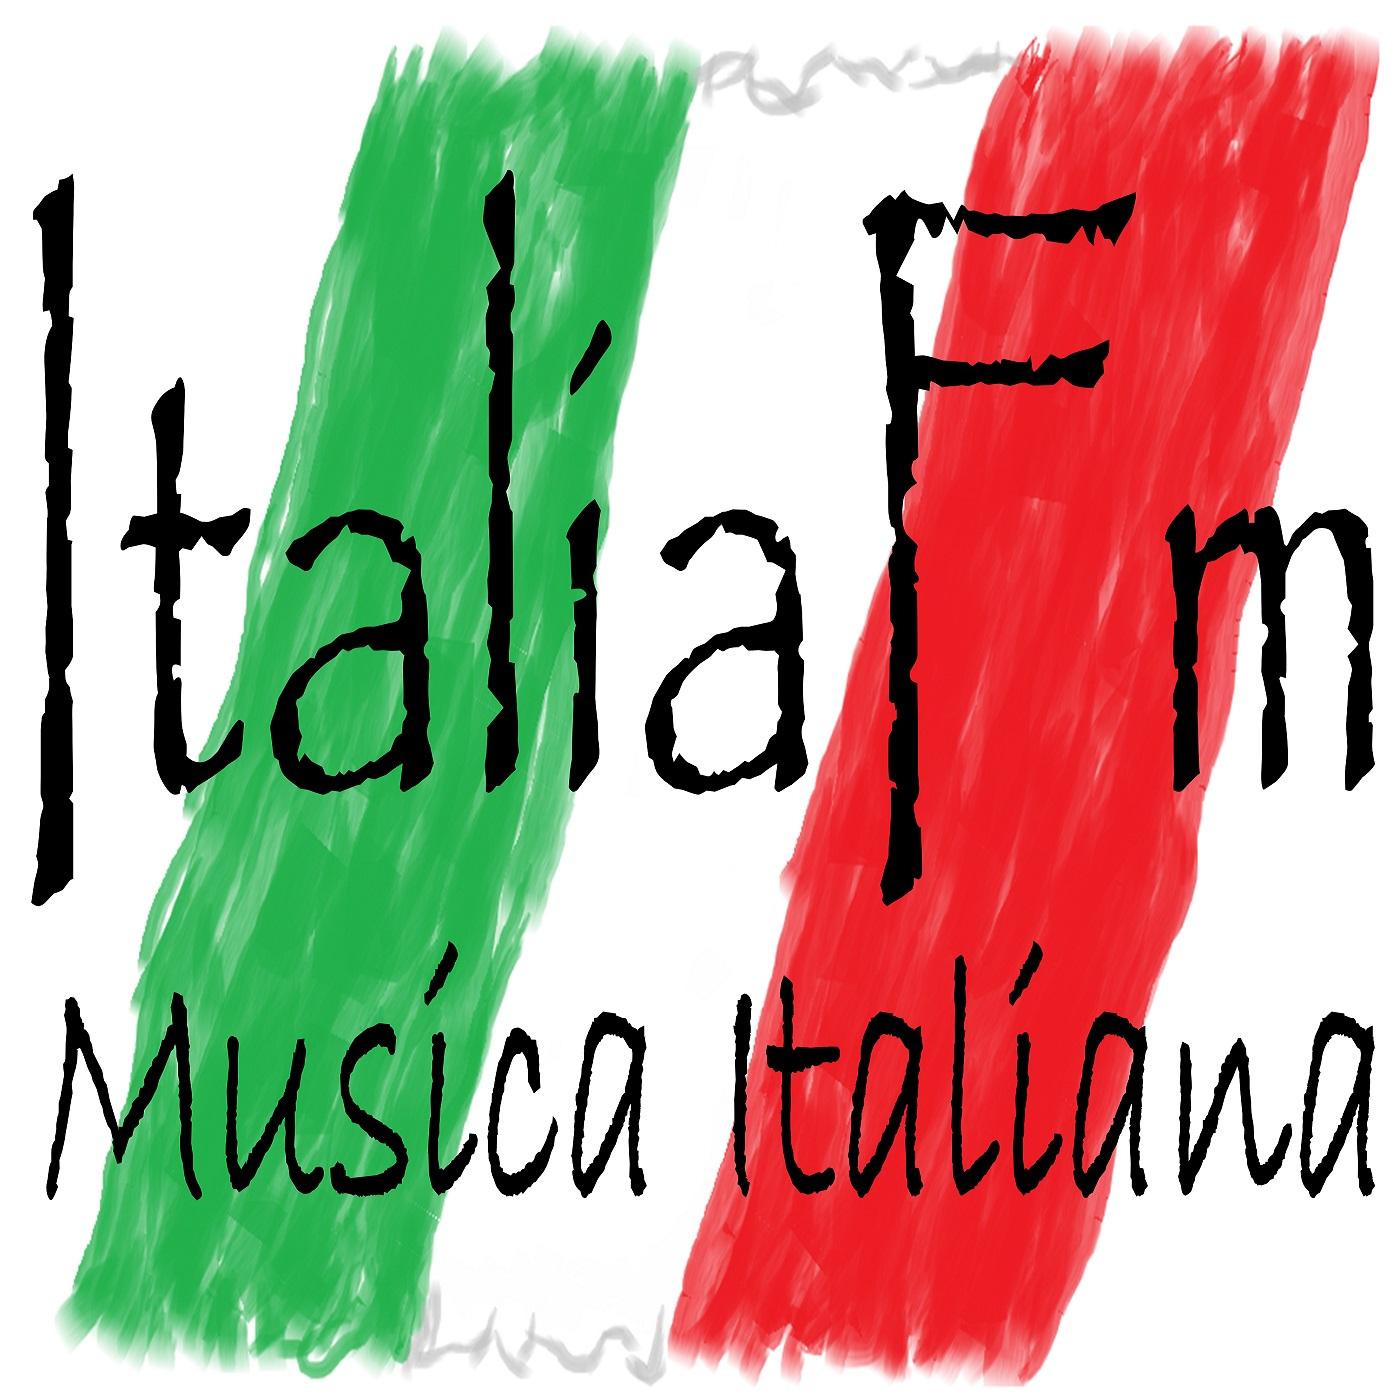 ItaliaFm3 Musica Italiana e Altro....